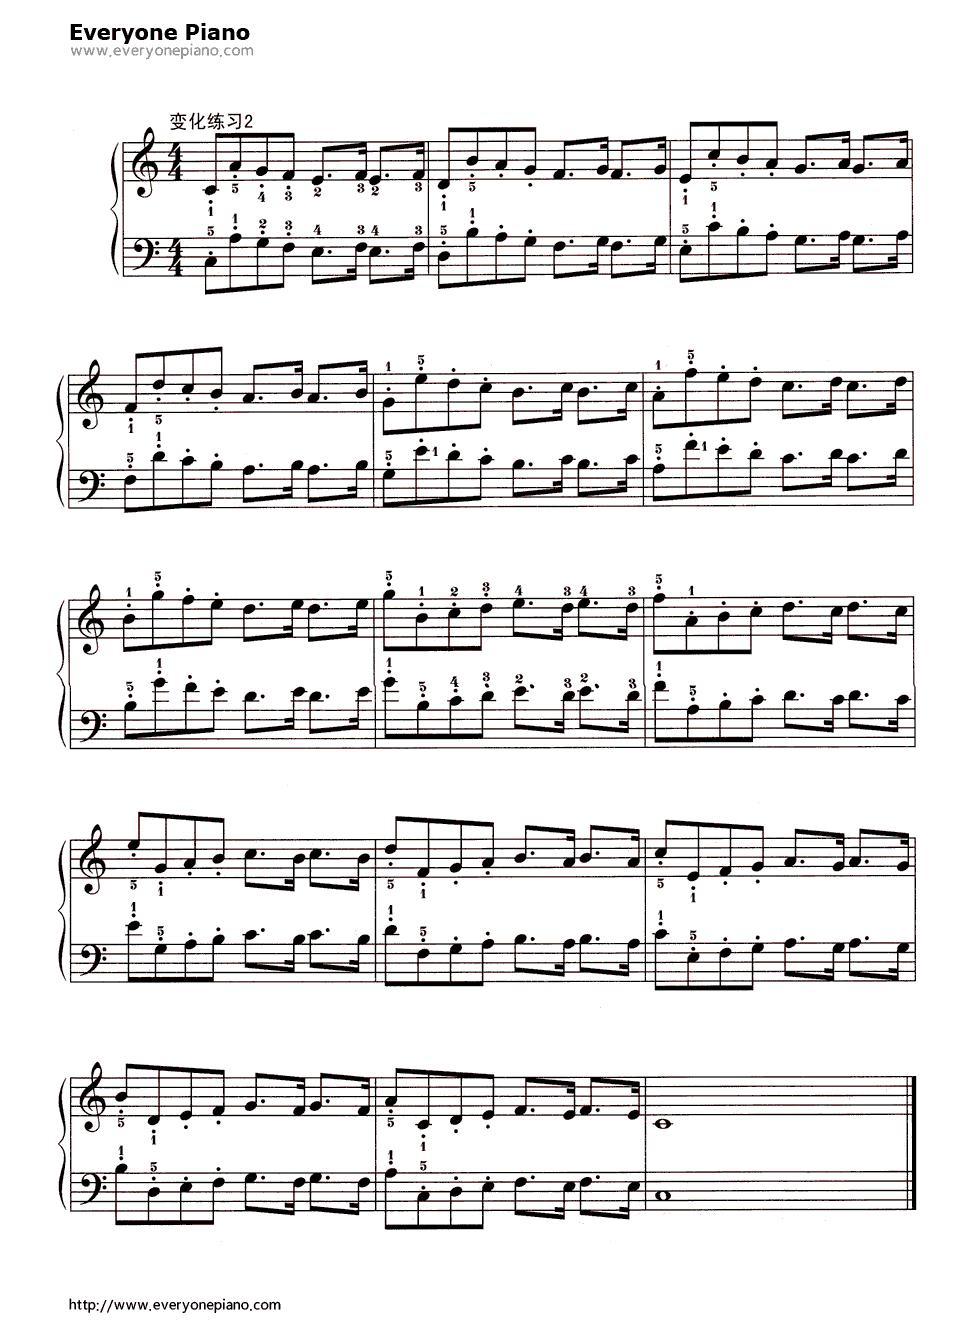 哈农钢琴指练习简谱 哈农钢琴指练习1 哈农钢琴指练习